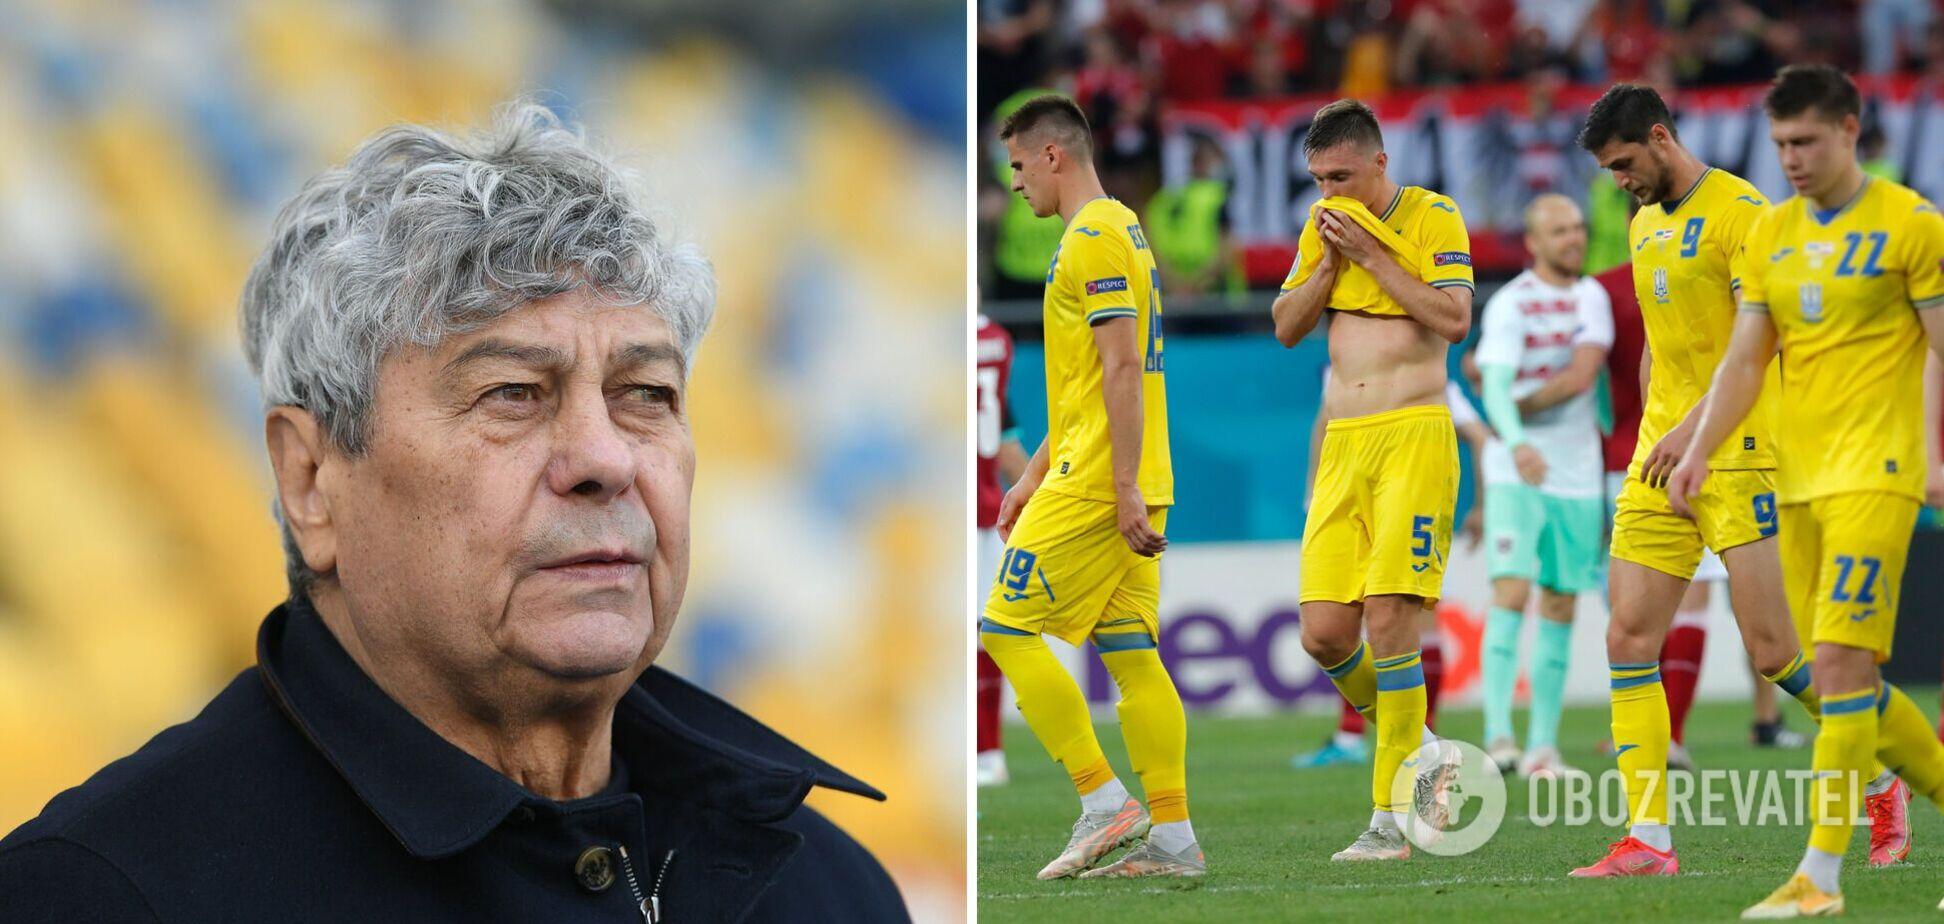 Мірча Луческу прокоментував матч Україна Австрія